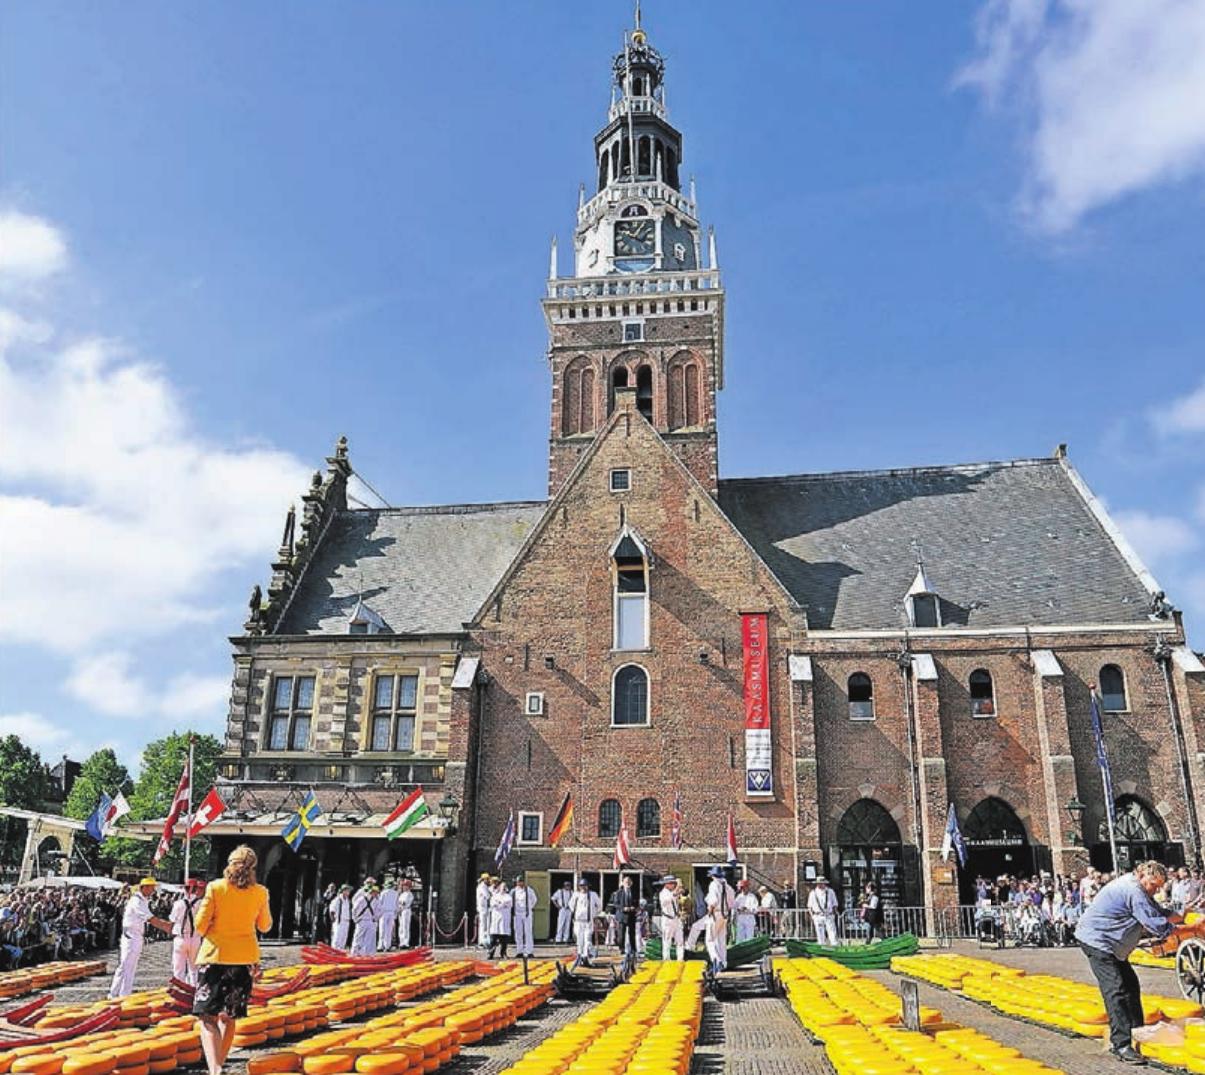 Ausflugsmöglichkeit zum weltberühmten Käsemarkt in Alkmaar. Foto: Aklmaar Marketing